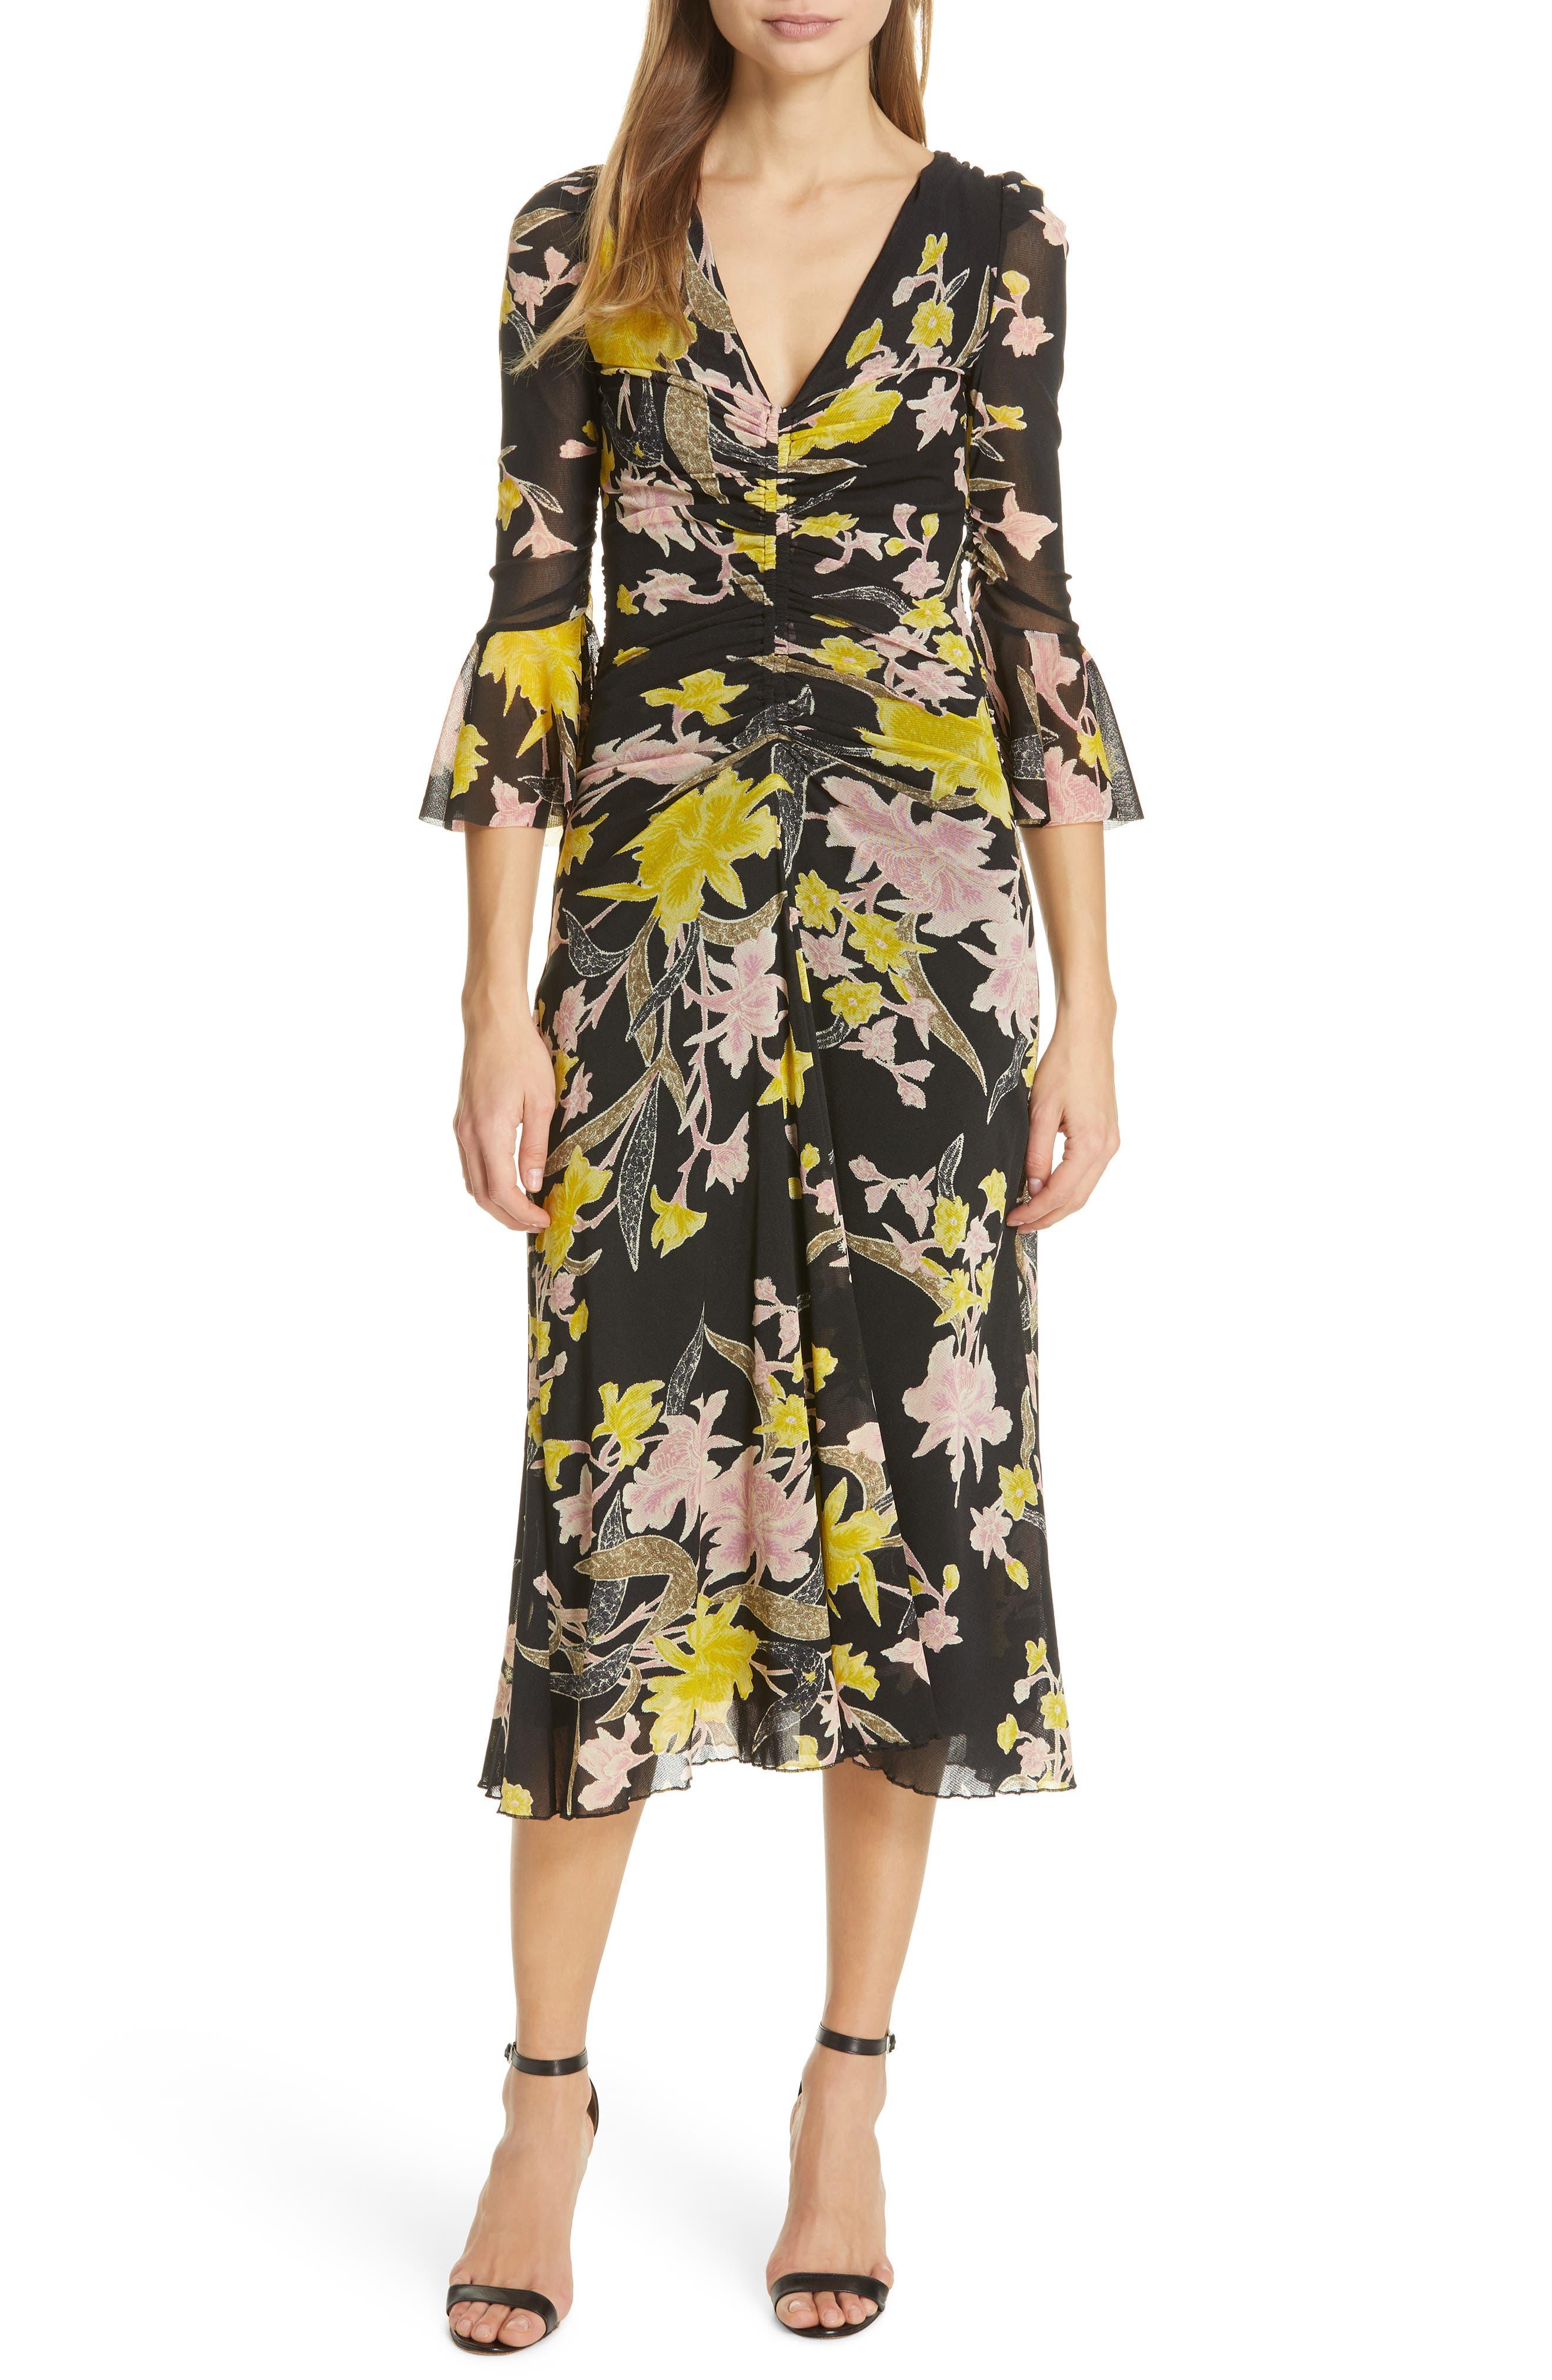 Von FashionNordstrom Furstenberg By Diane Dvf Women's qSpjzVMLUG